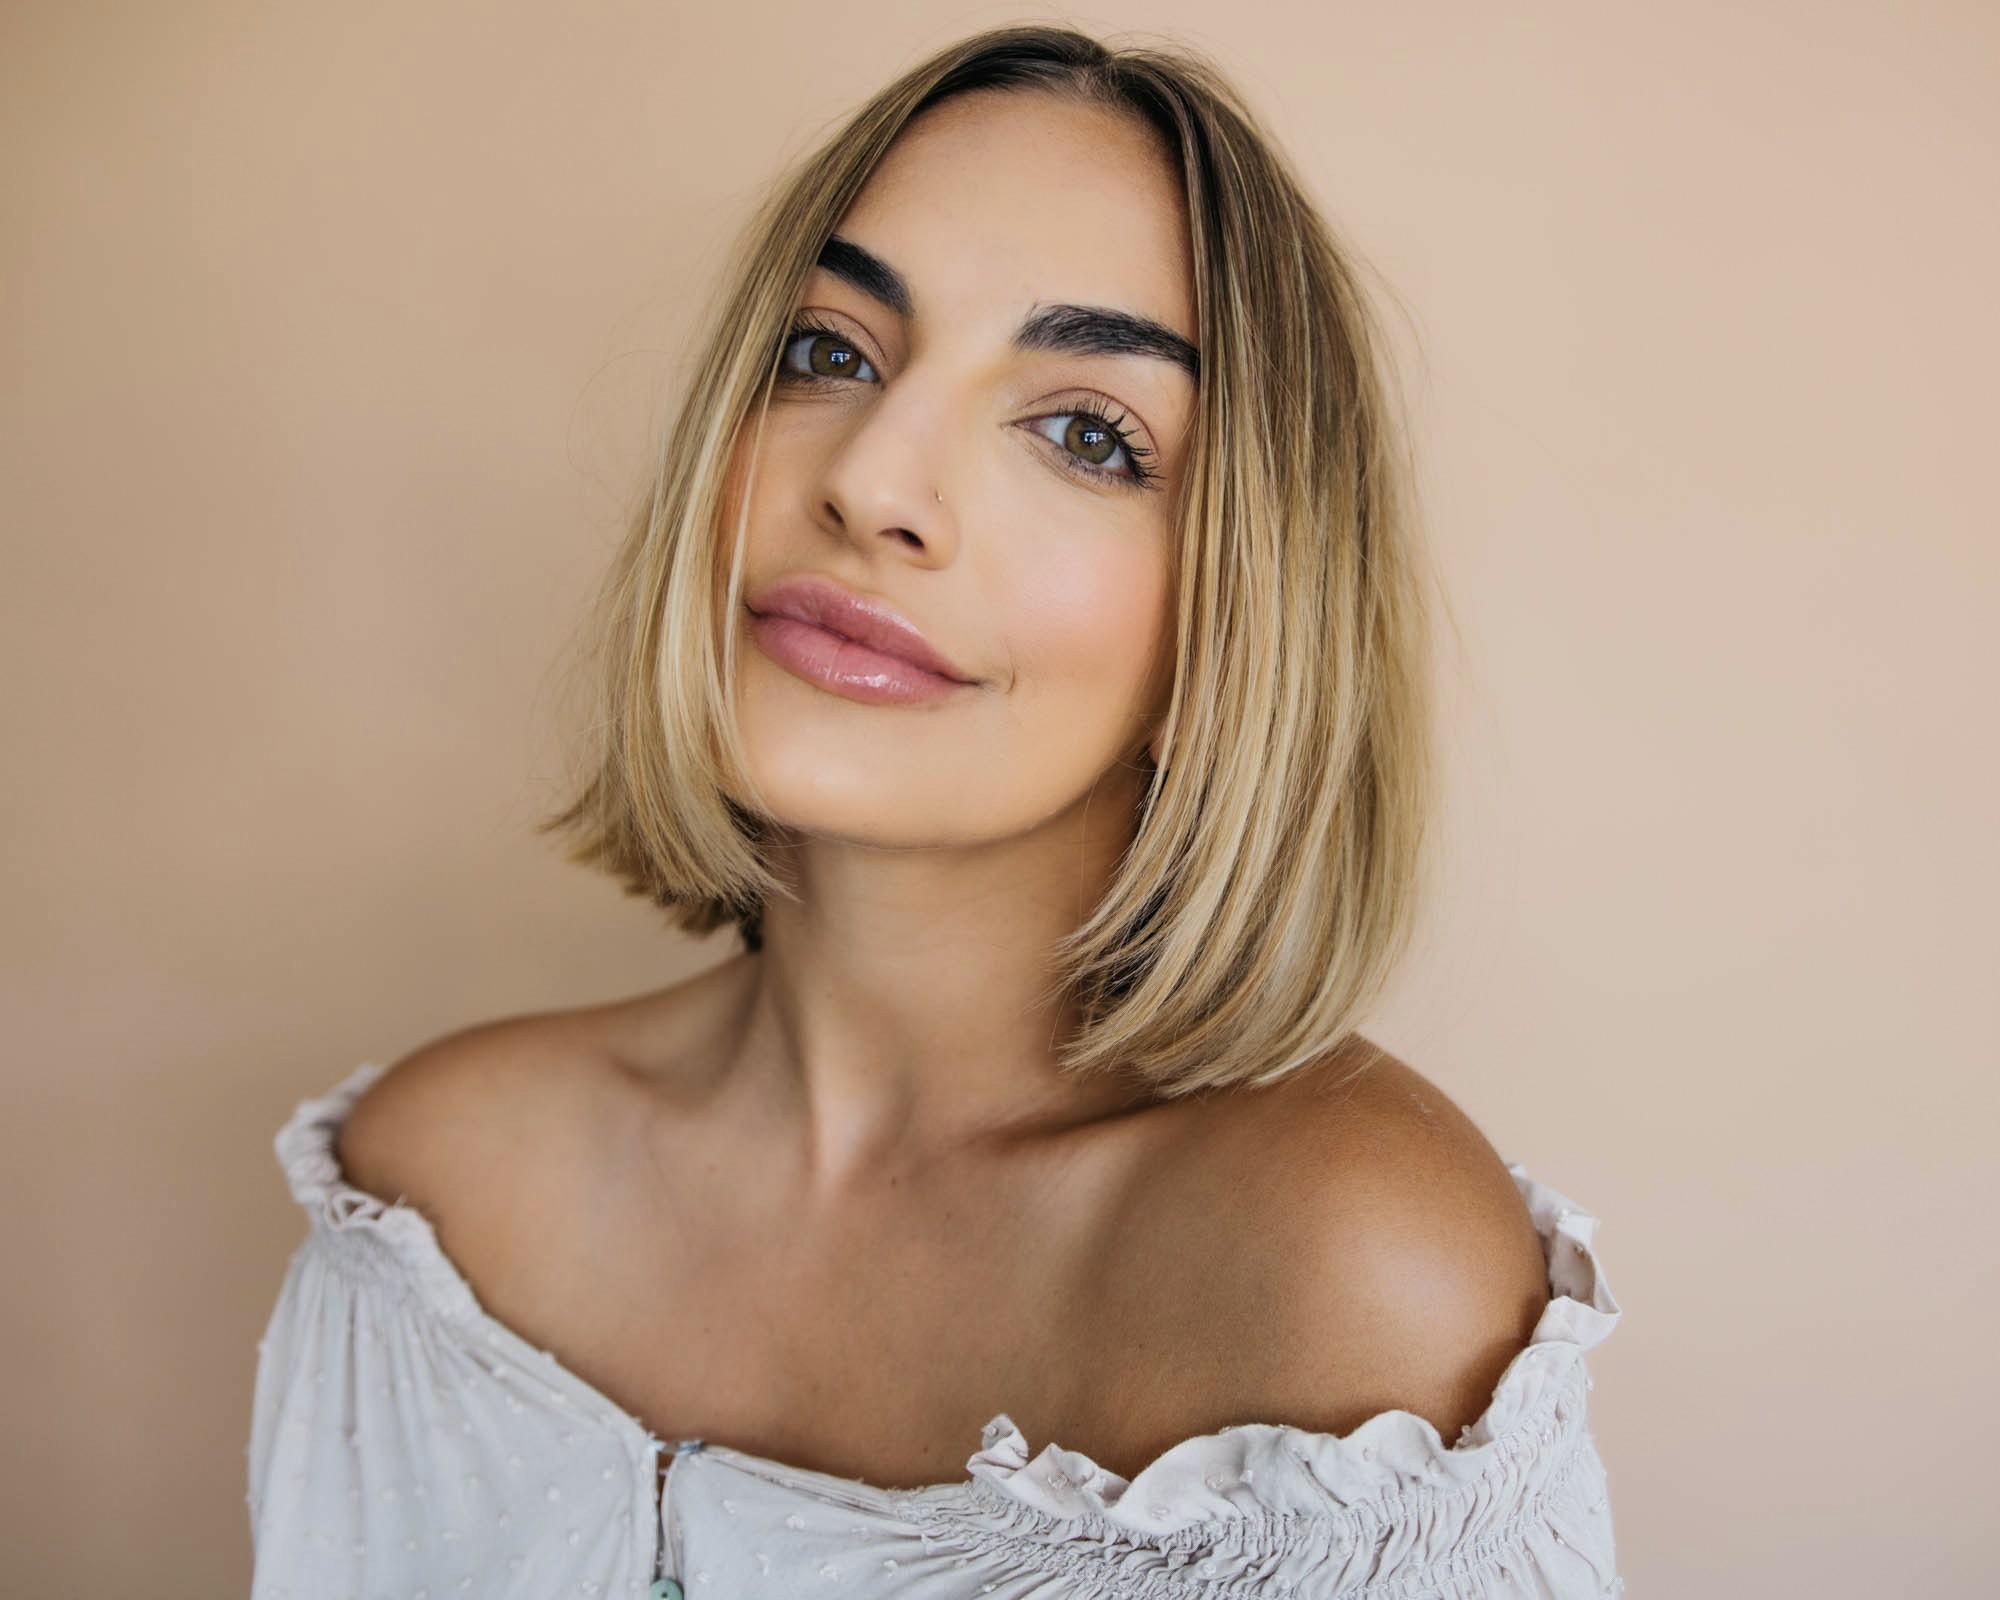 Olia Majd - Influencer & Entrepreneur